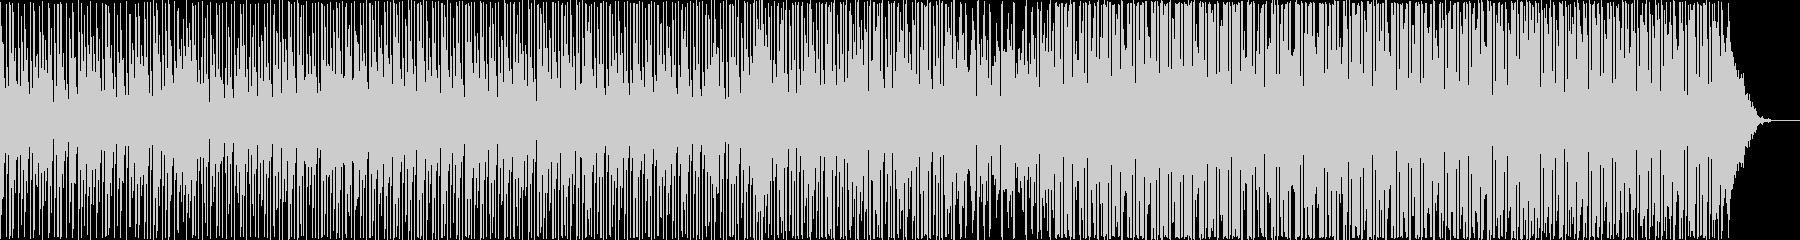 スローテンポの和風ヒップホップの未再生の波形